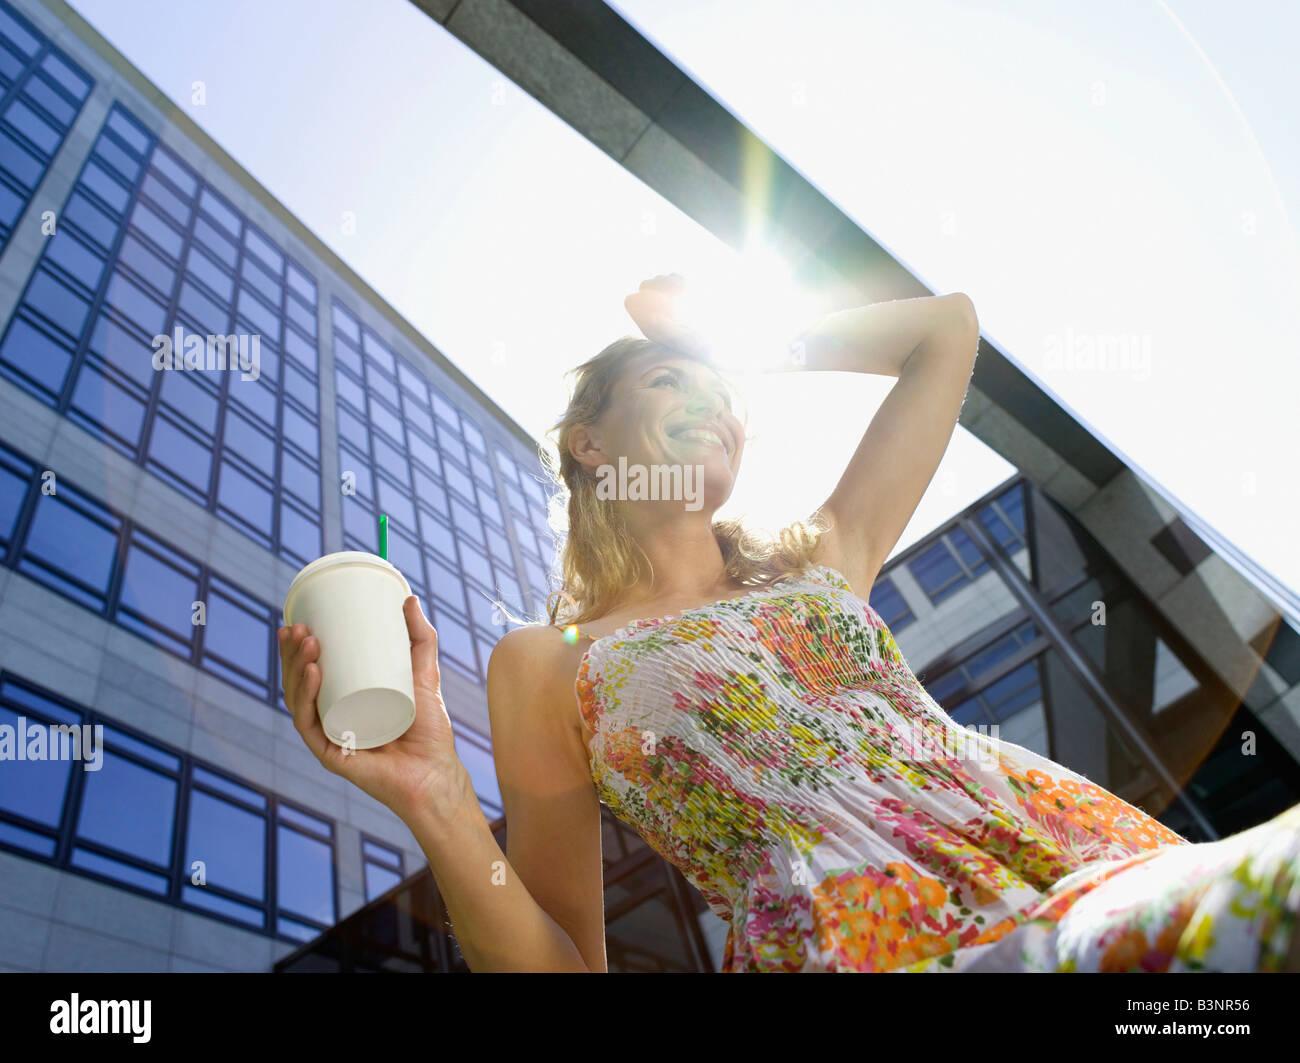 Germania, Baden-Württemberg, Stoccarda, giovane imprenditrice prendendo una pausa, a bere caffè e a basso Immagini Stock